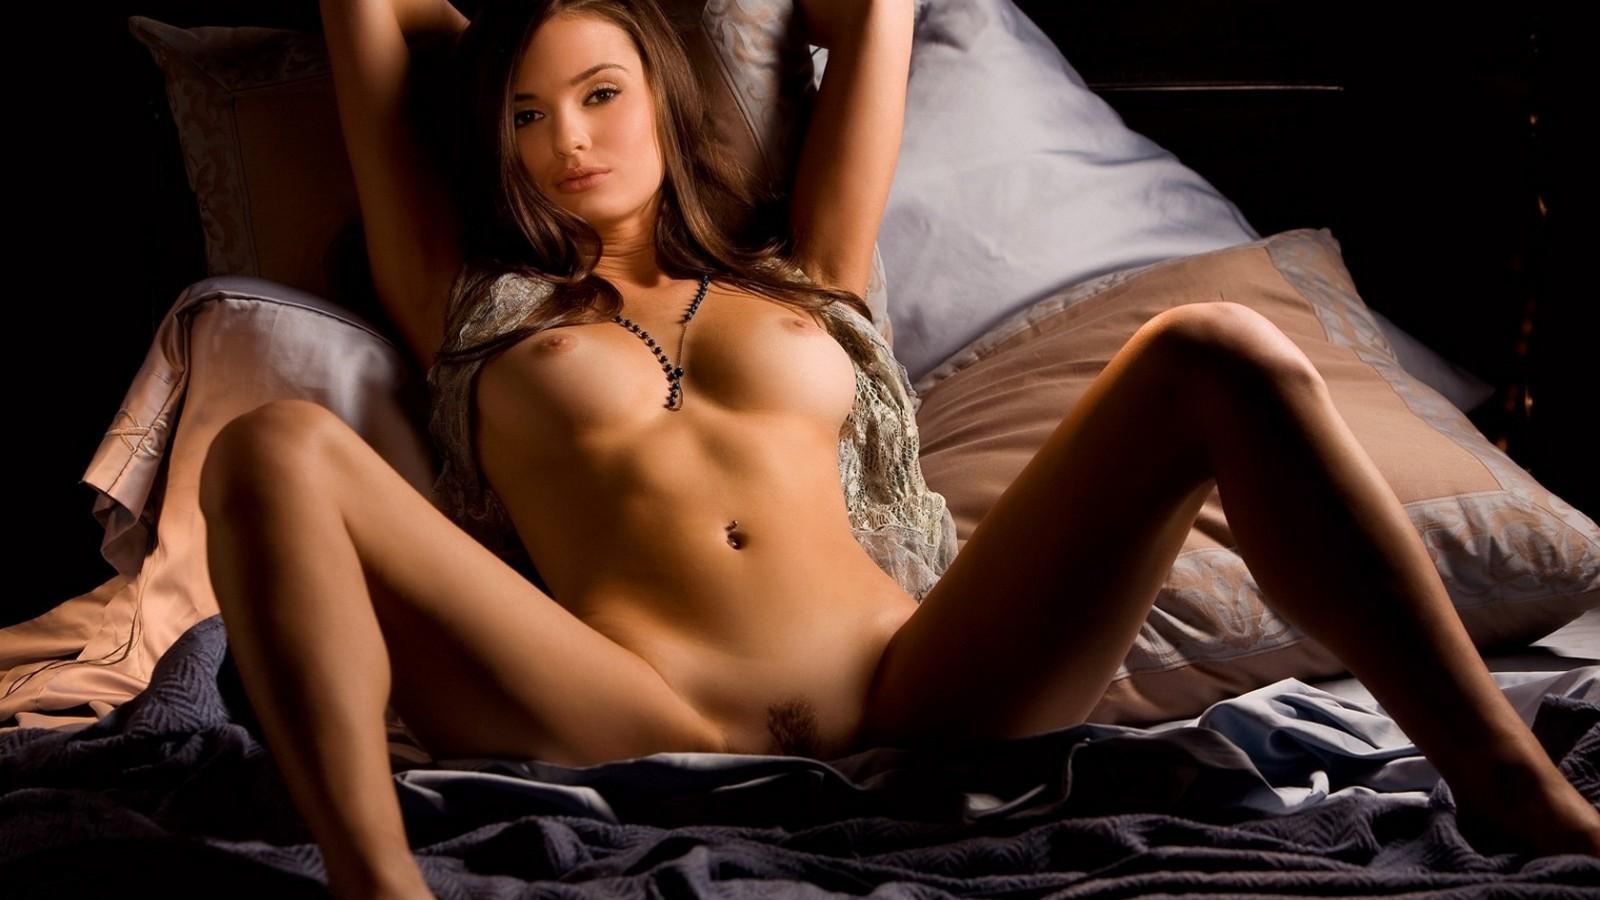 smotret-eroticheskie-foto-modeley